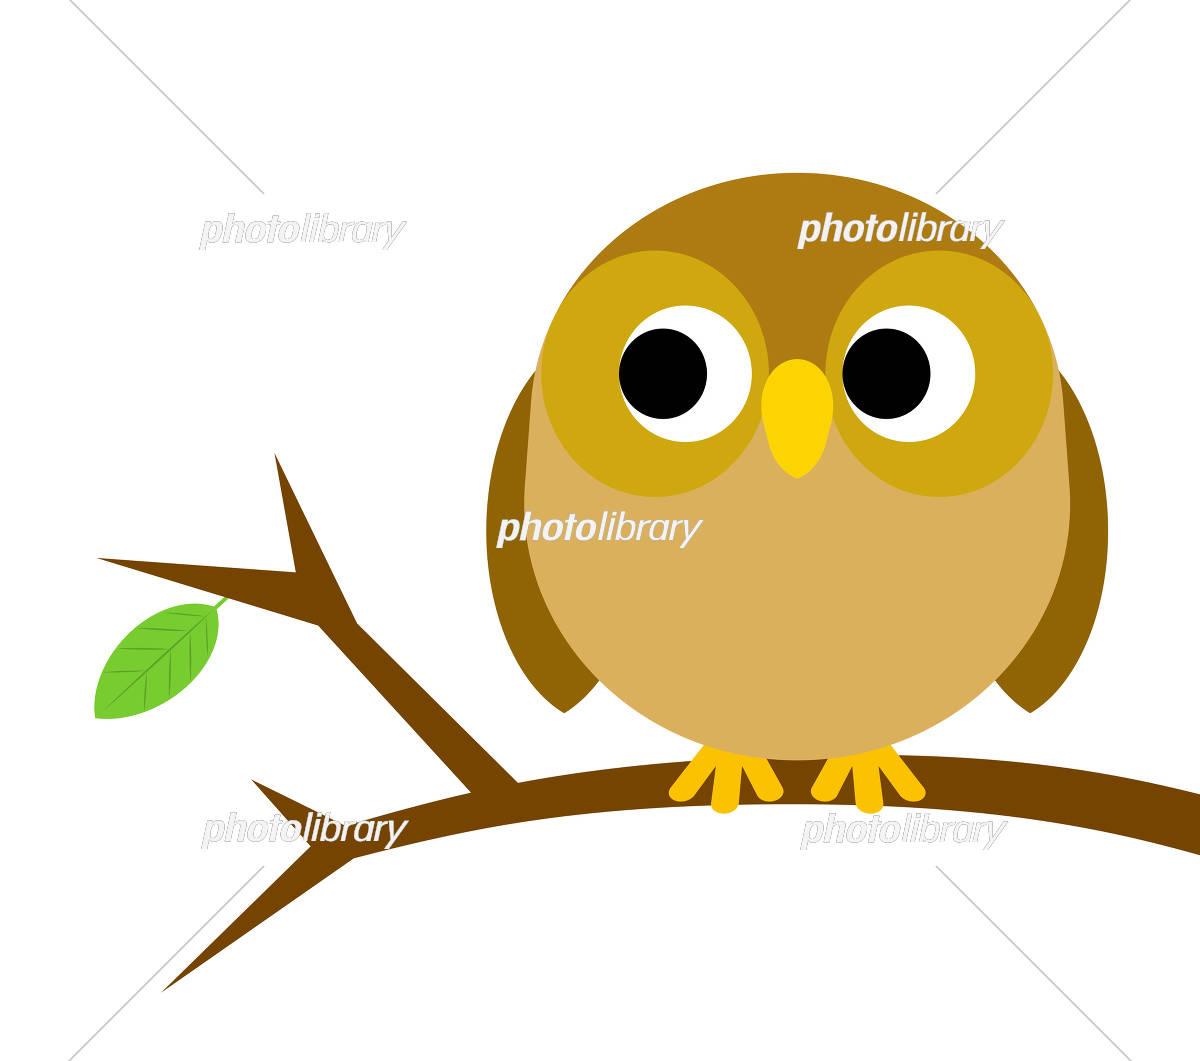 木の枝にとまるフクロウ イラスト素材 5936737 フォト